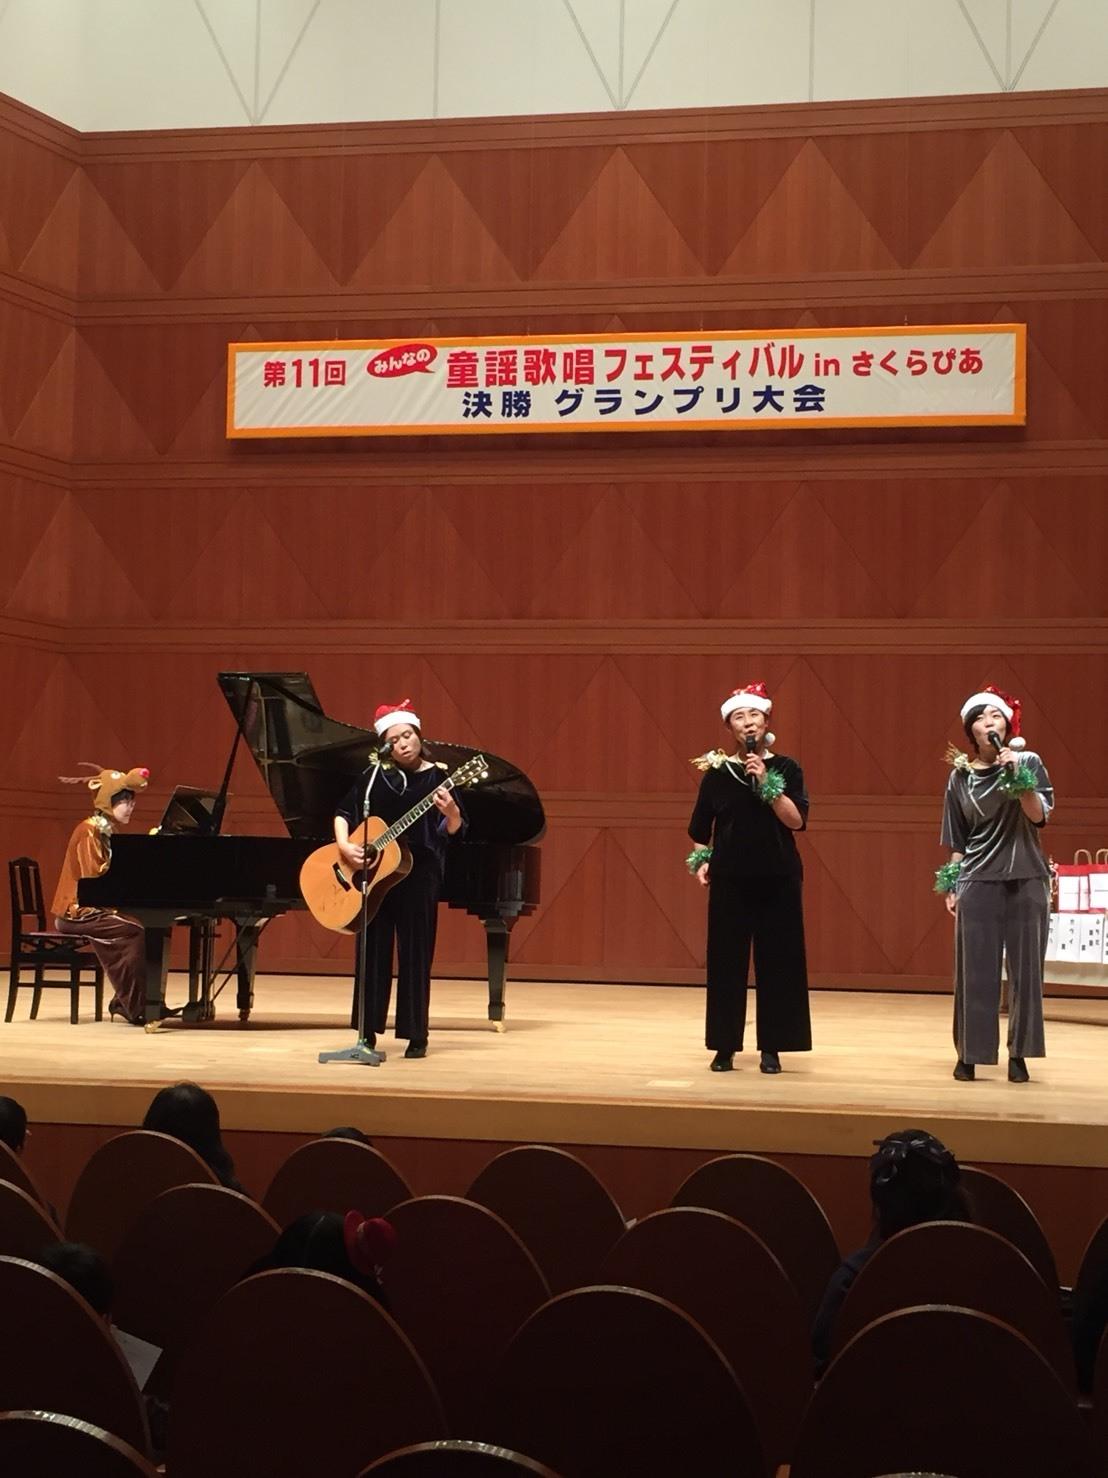 第11回童謡 歌唱フェスティバル in さくらぴあ_b0356852_16121732.jpg